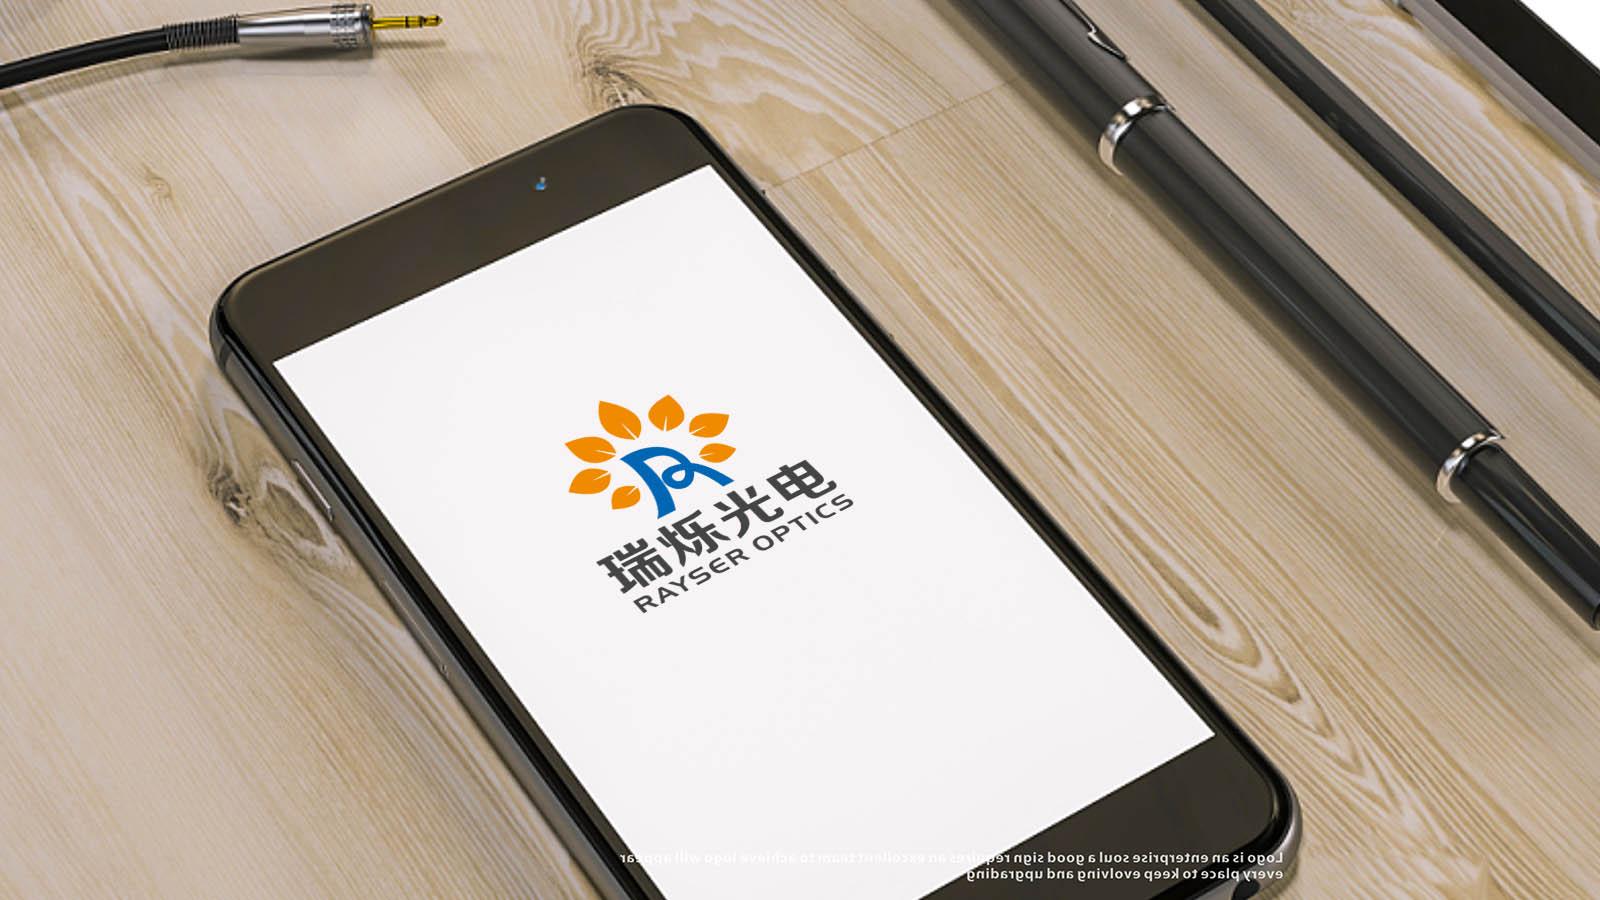 设计光电公司LOGO_3022491_k68威客网